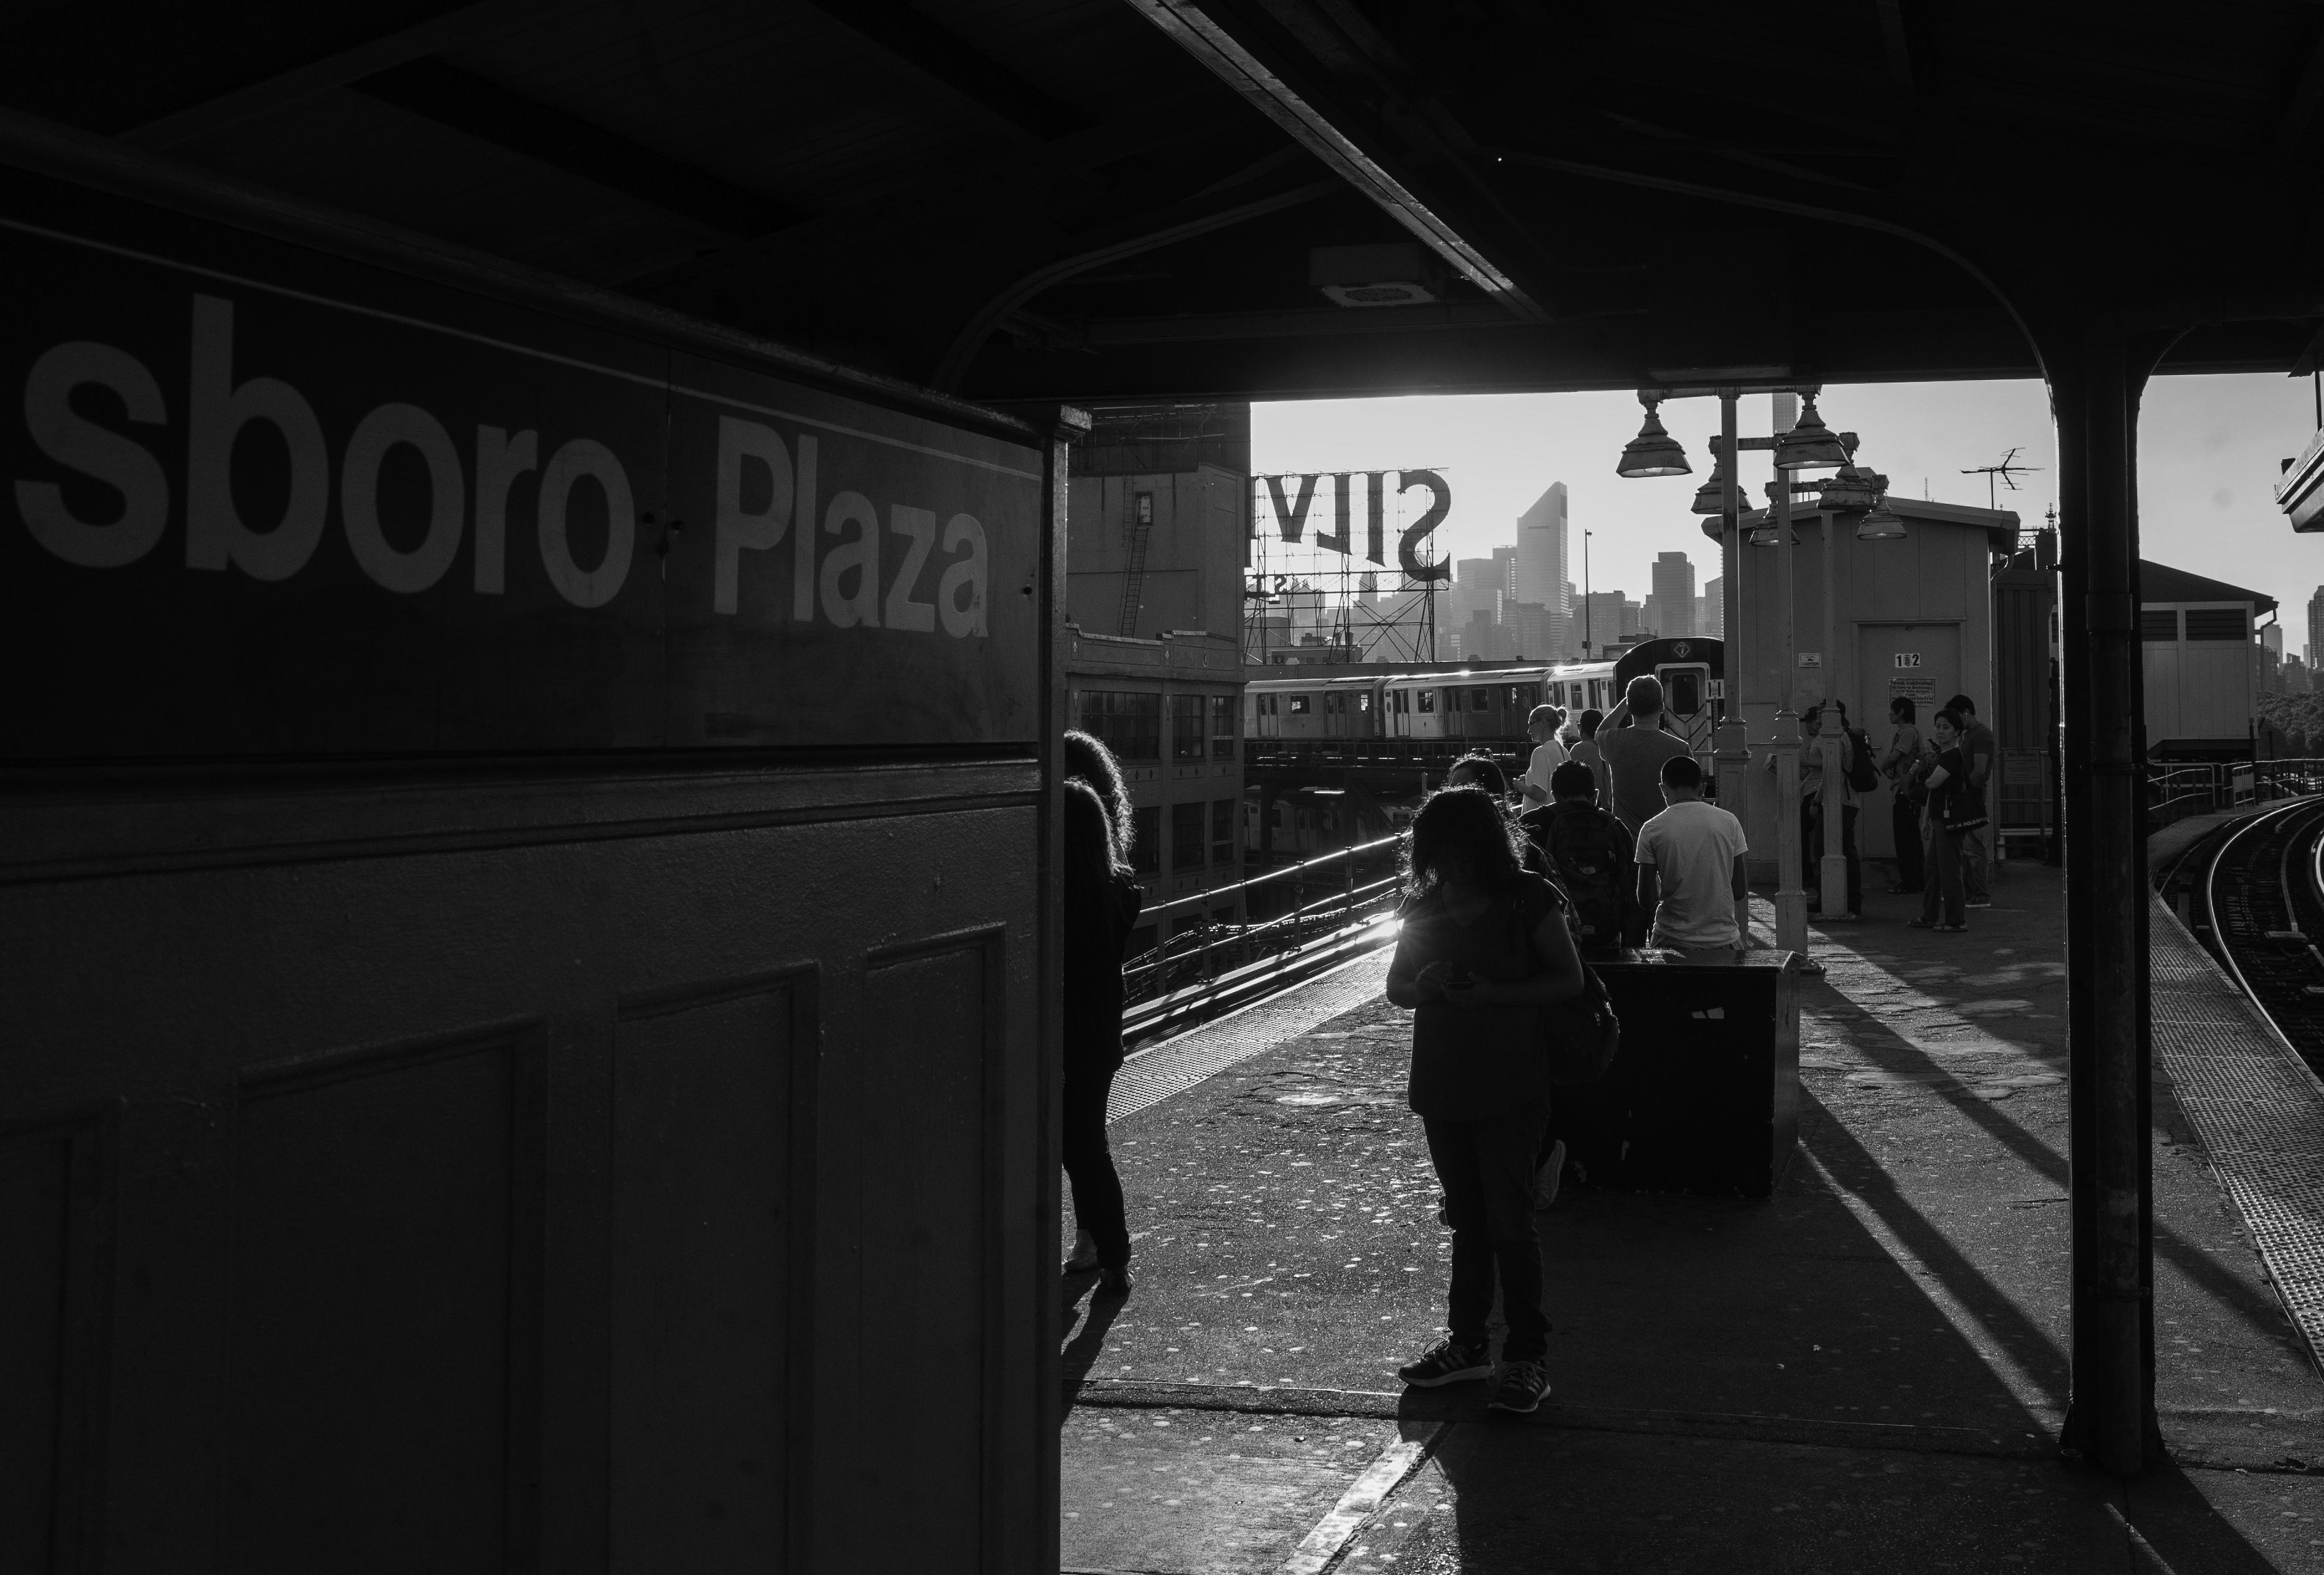 Twilight of Queensboro Plaza